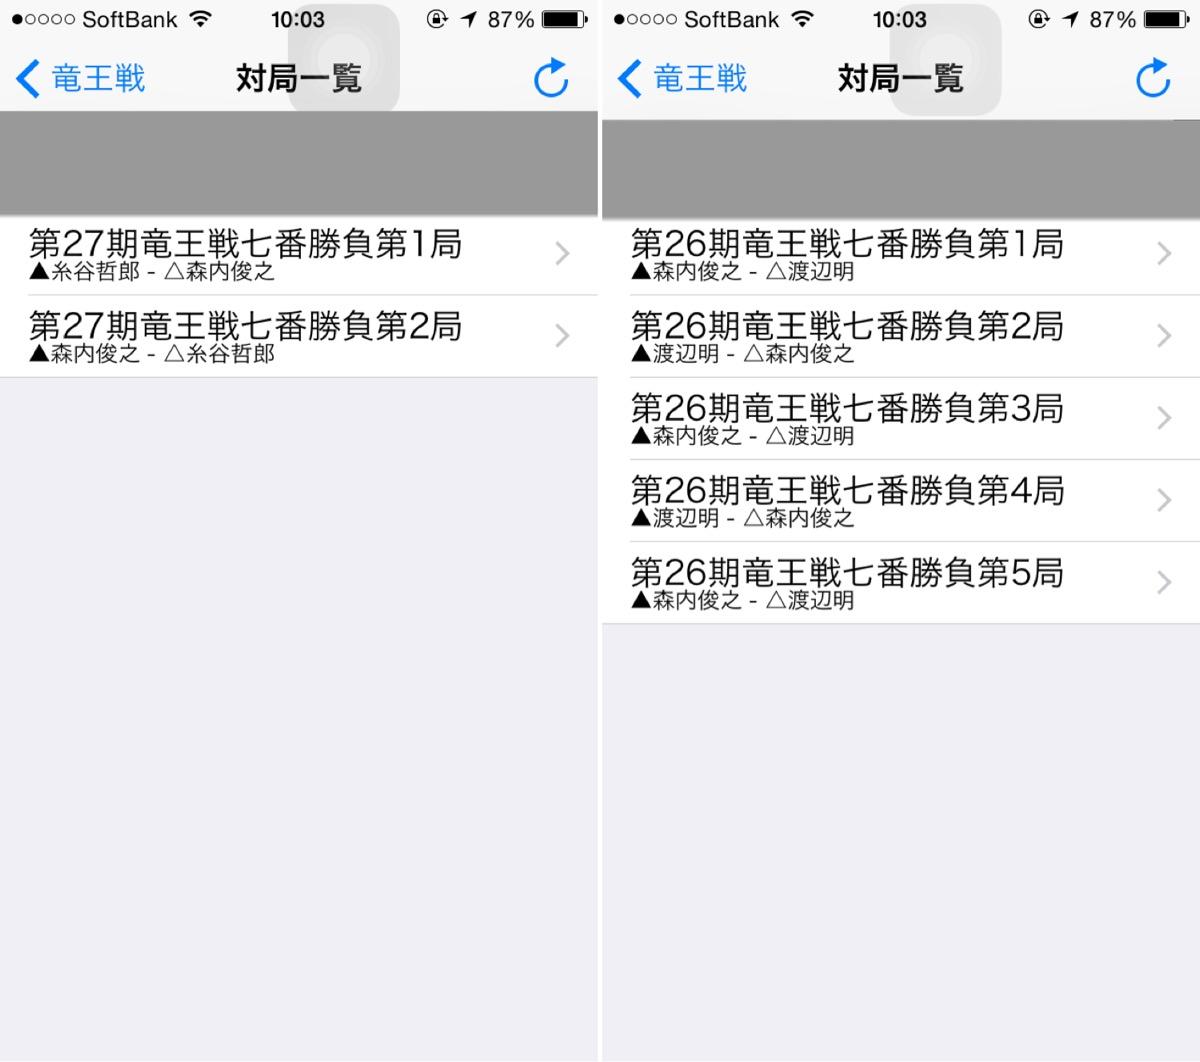 棋譜2.0 iPhoneアプリ